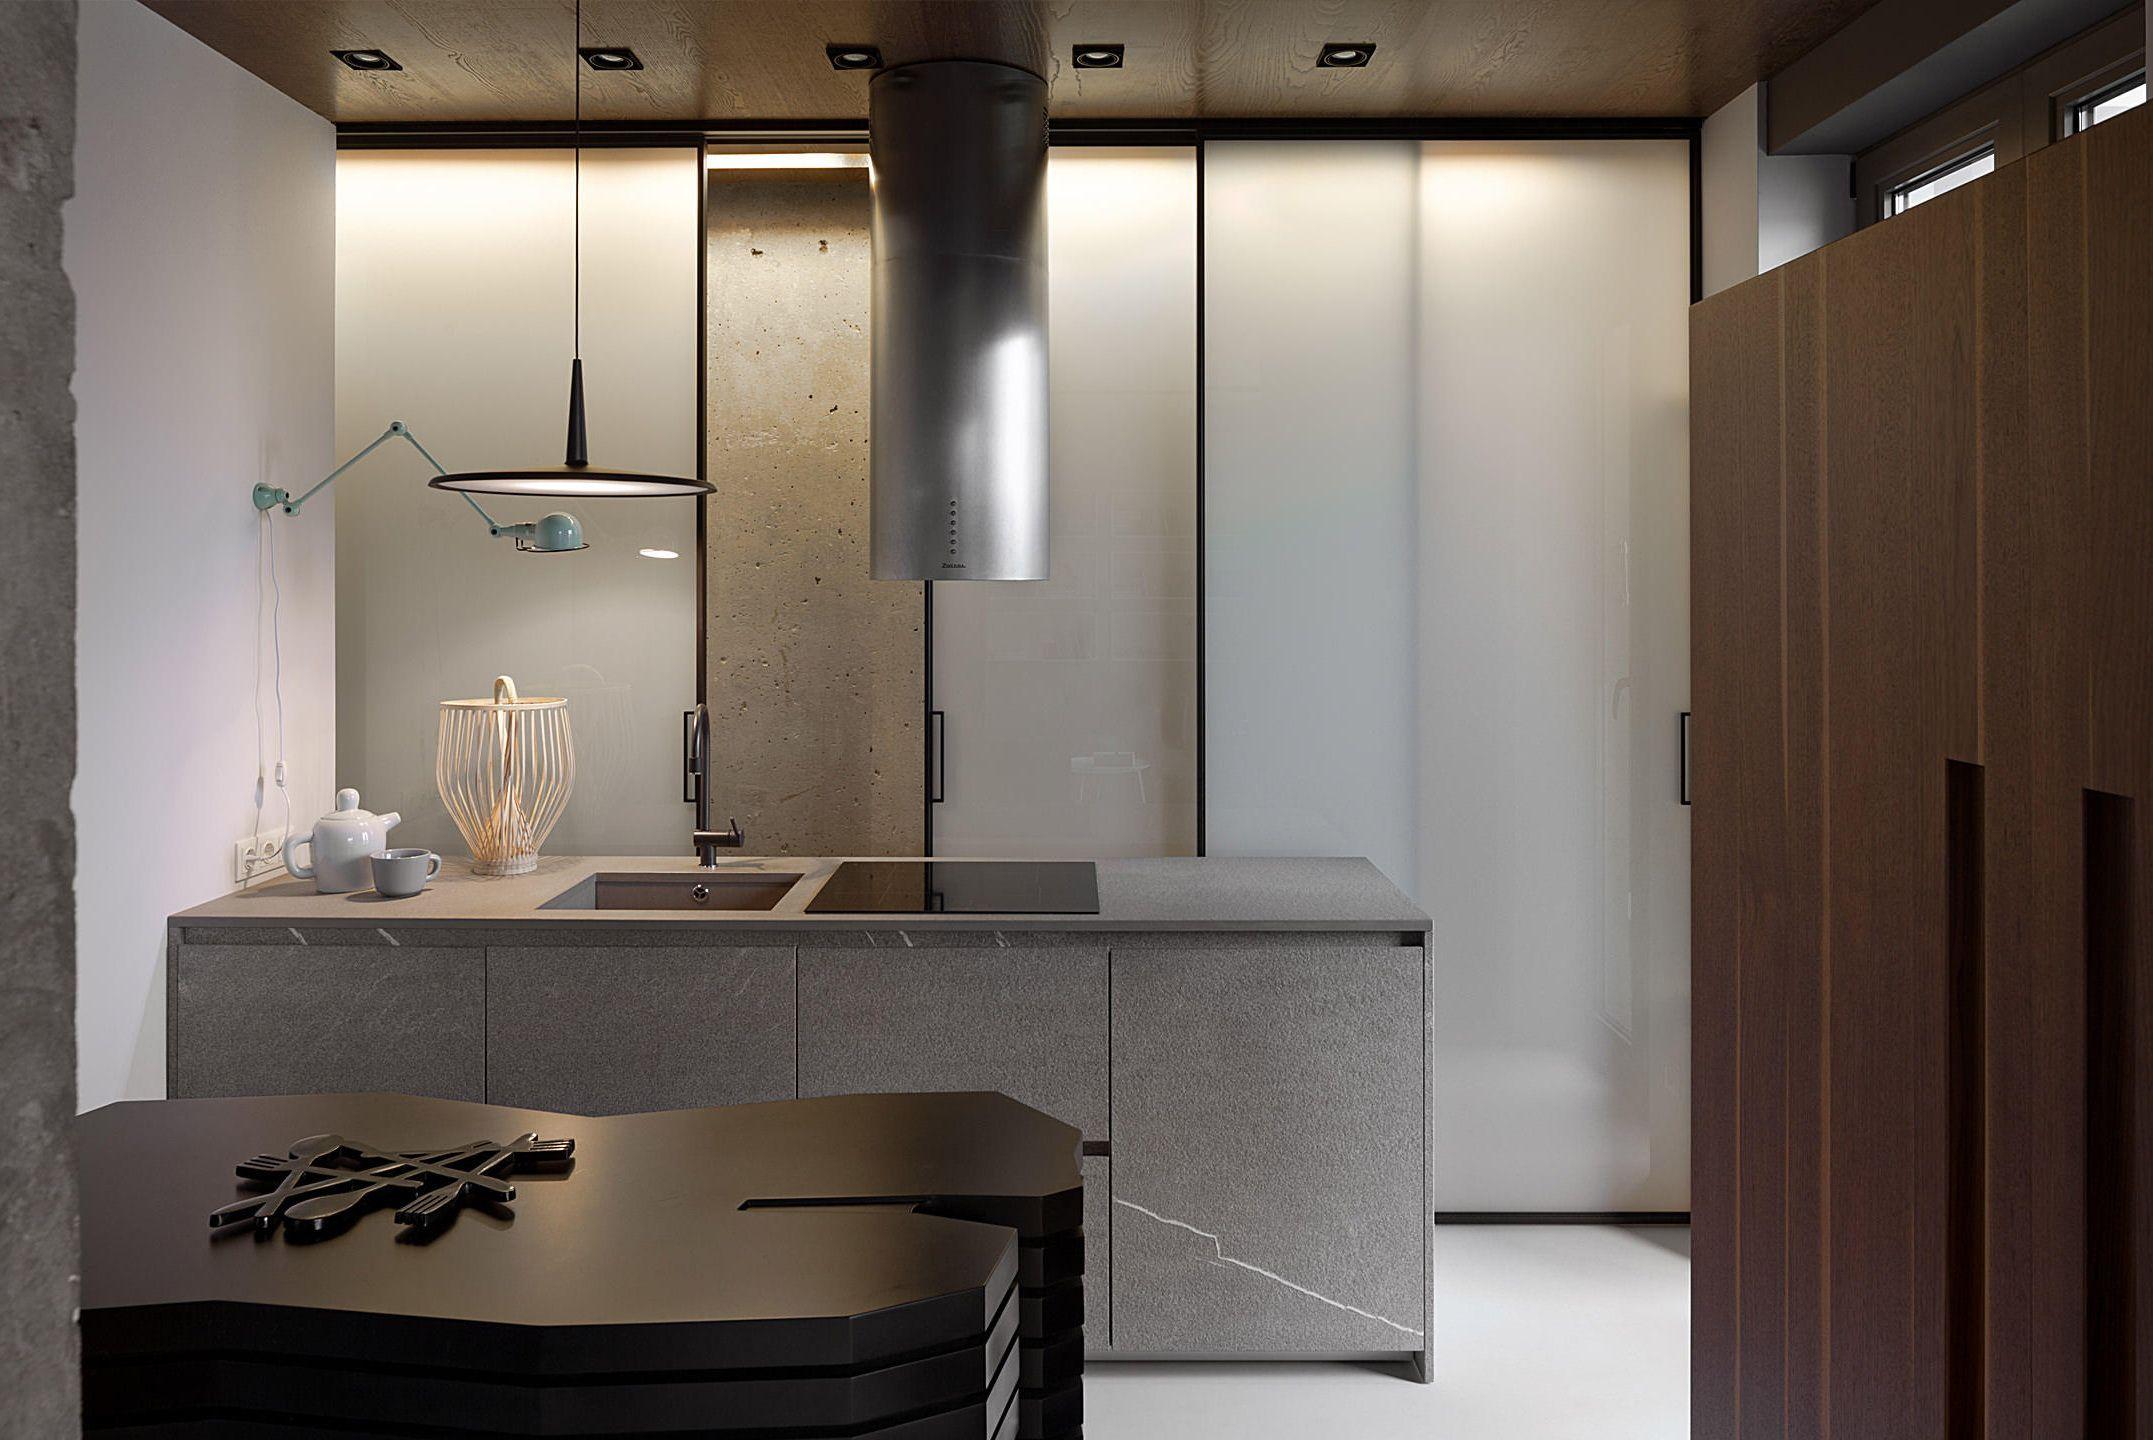 Indusztriál stílus egy falak nélküli lakásban, #design #dizájn ...